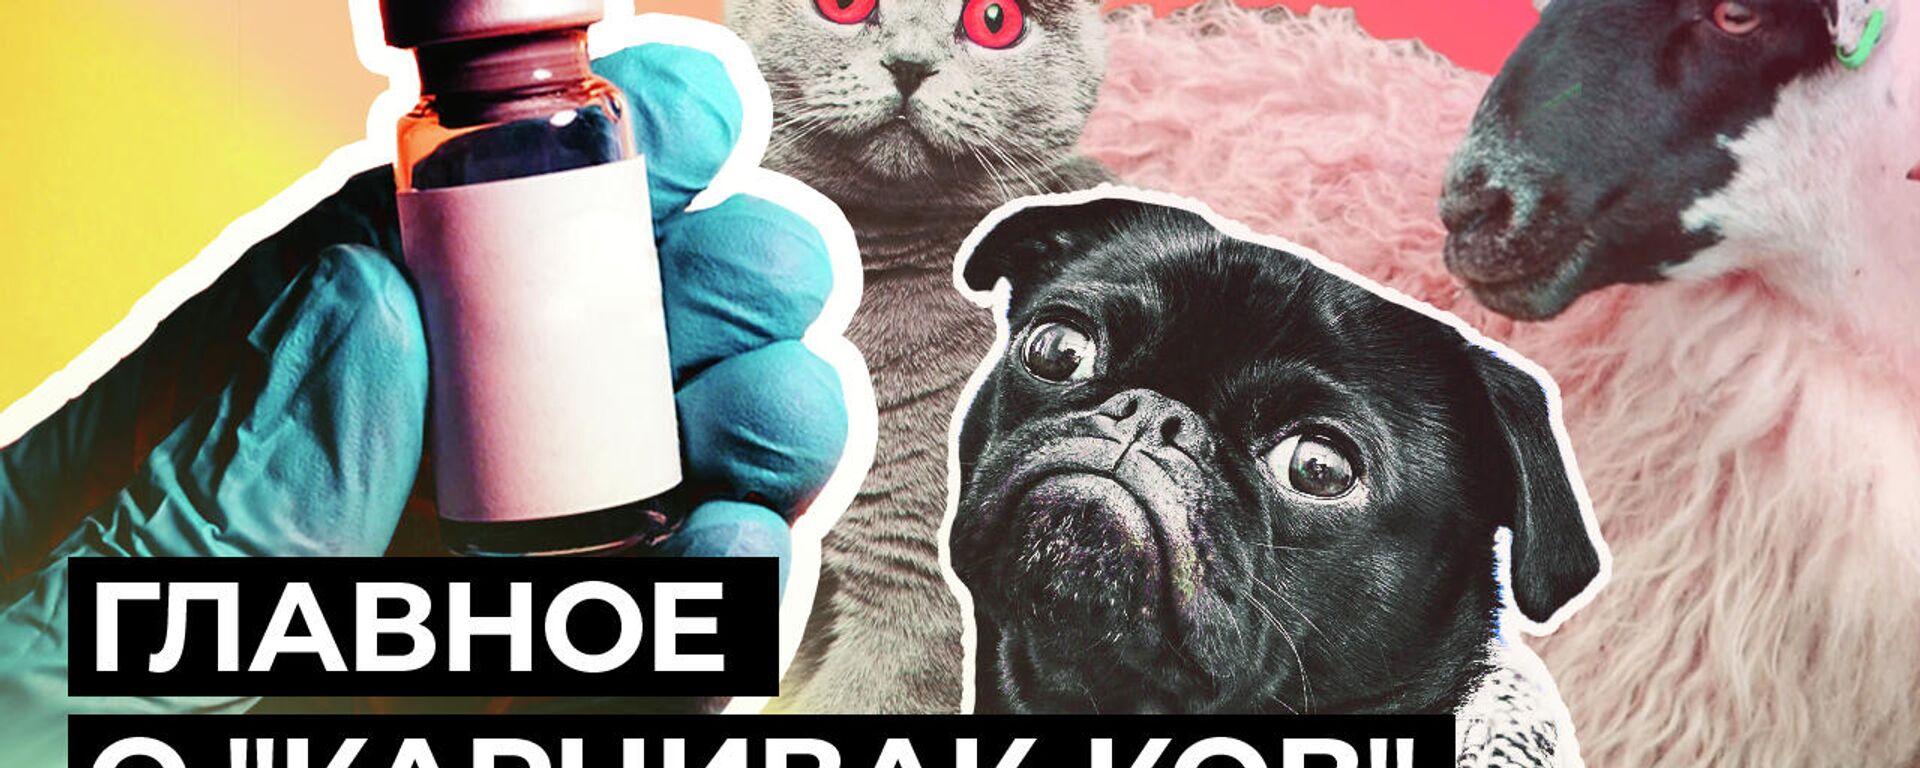 Первую в мире вакцину от COVID-19 для животных зарегистрировали в России - Sputnik Узбекистан, 1920, 01.04.2021